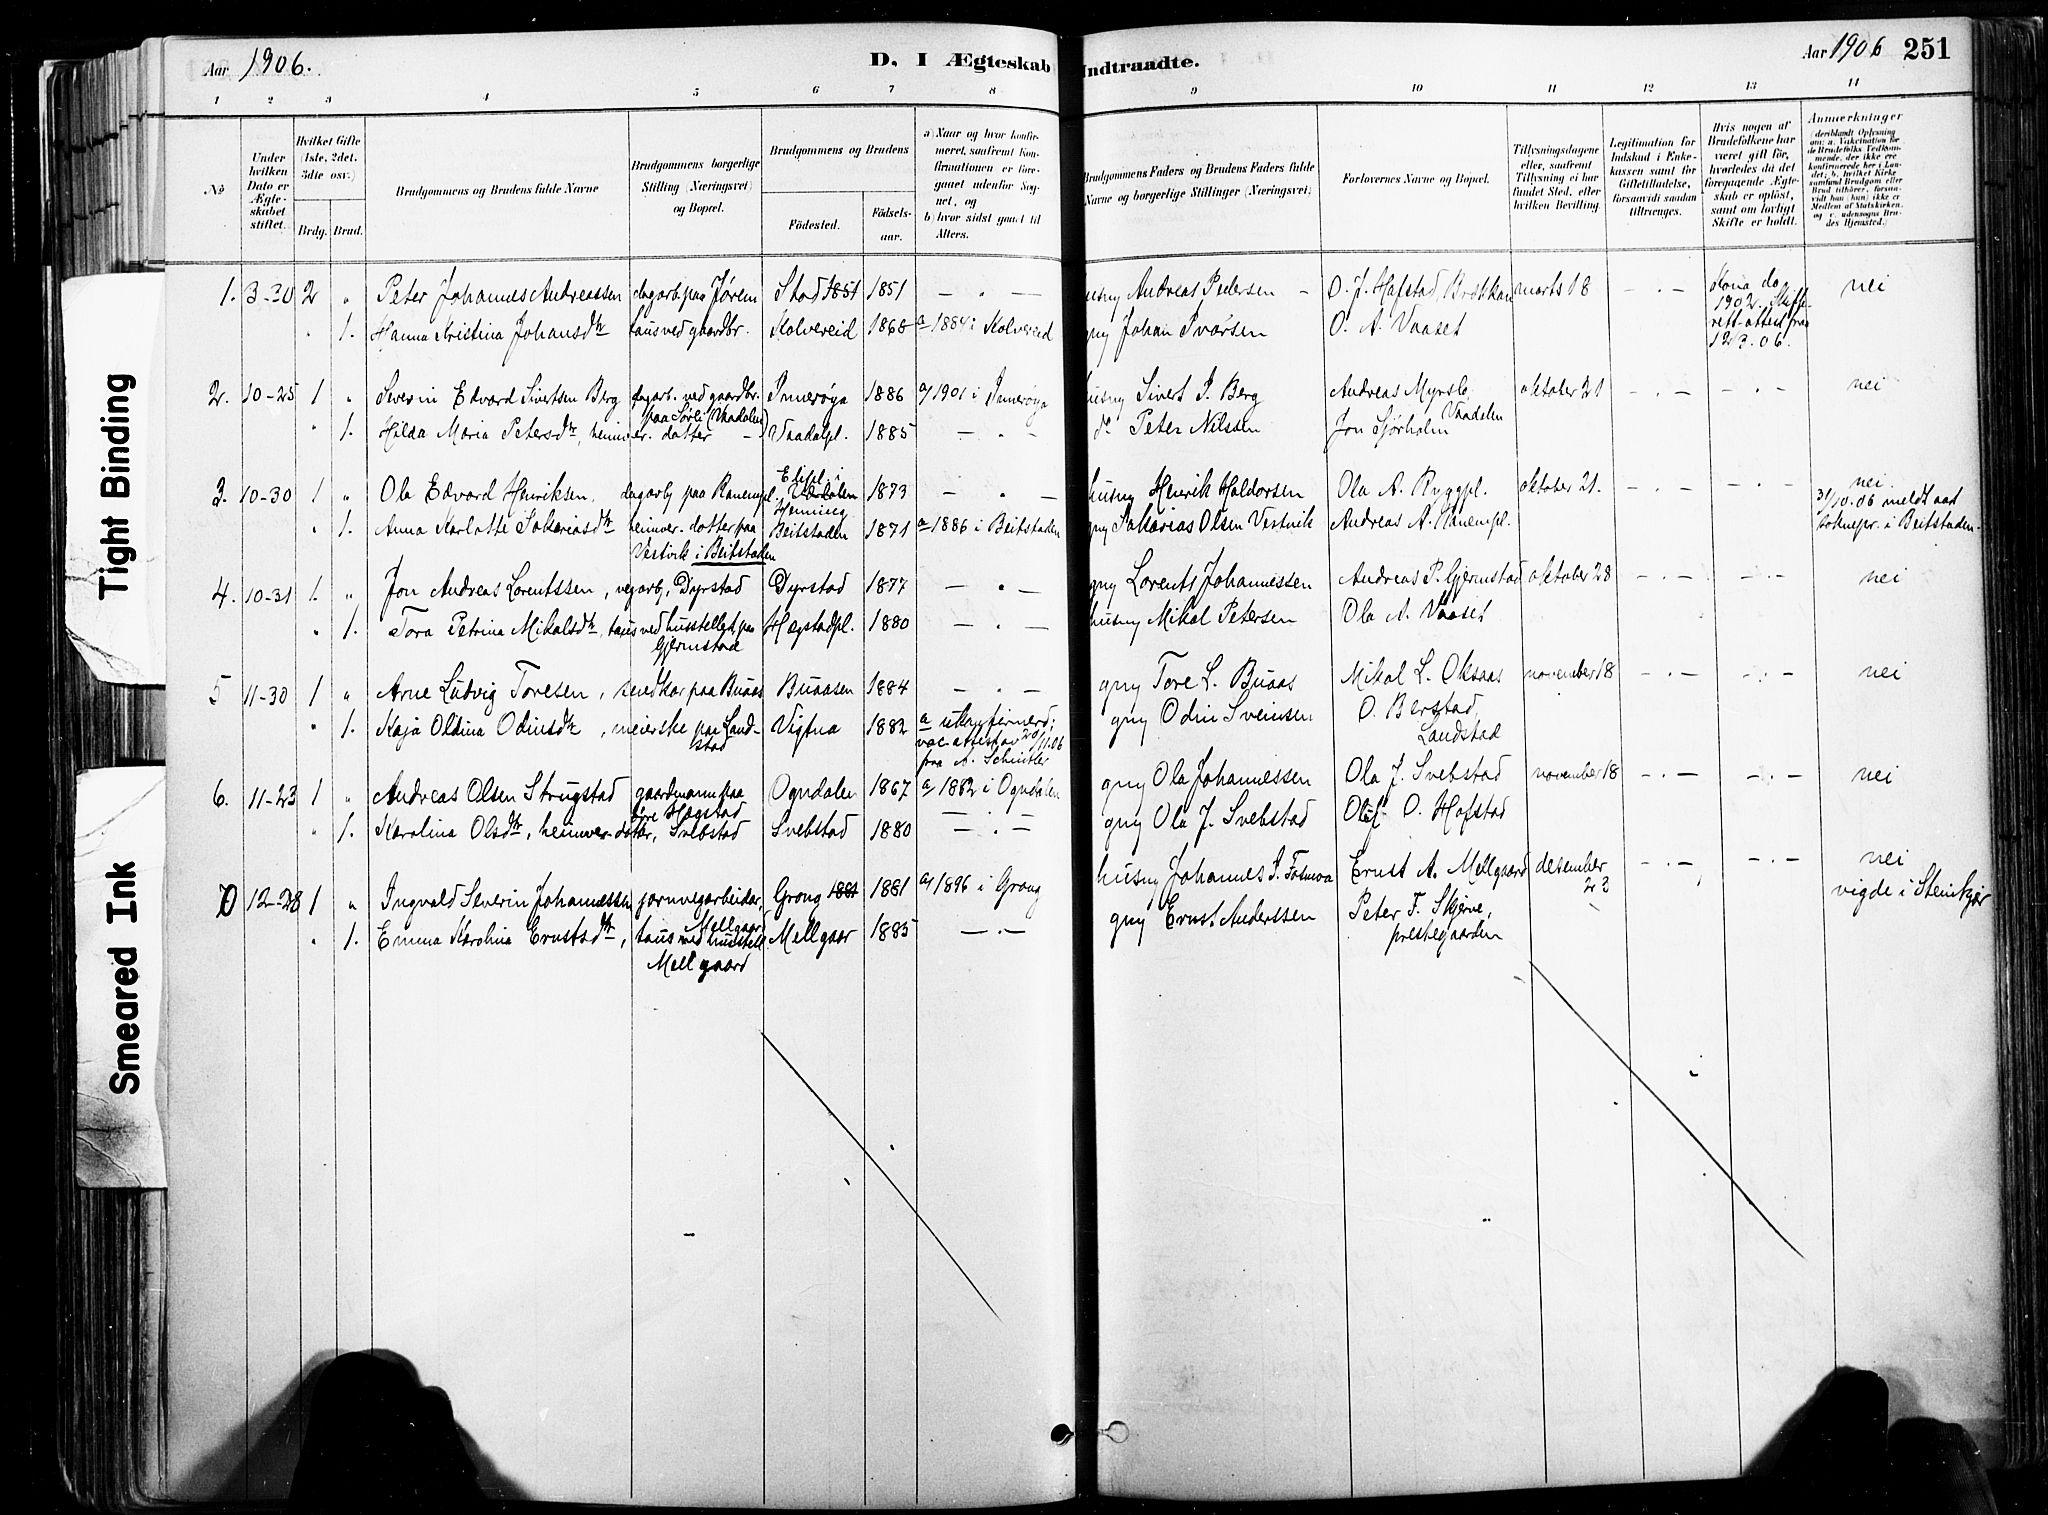 SAT, Ministerialprotokoller, klokkerbøker og fødselsregistre - Nord-Trøndelag, 735/L0351: Ministerialbok nr. 735A10, 1884-1908, s. 251